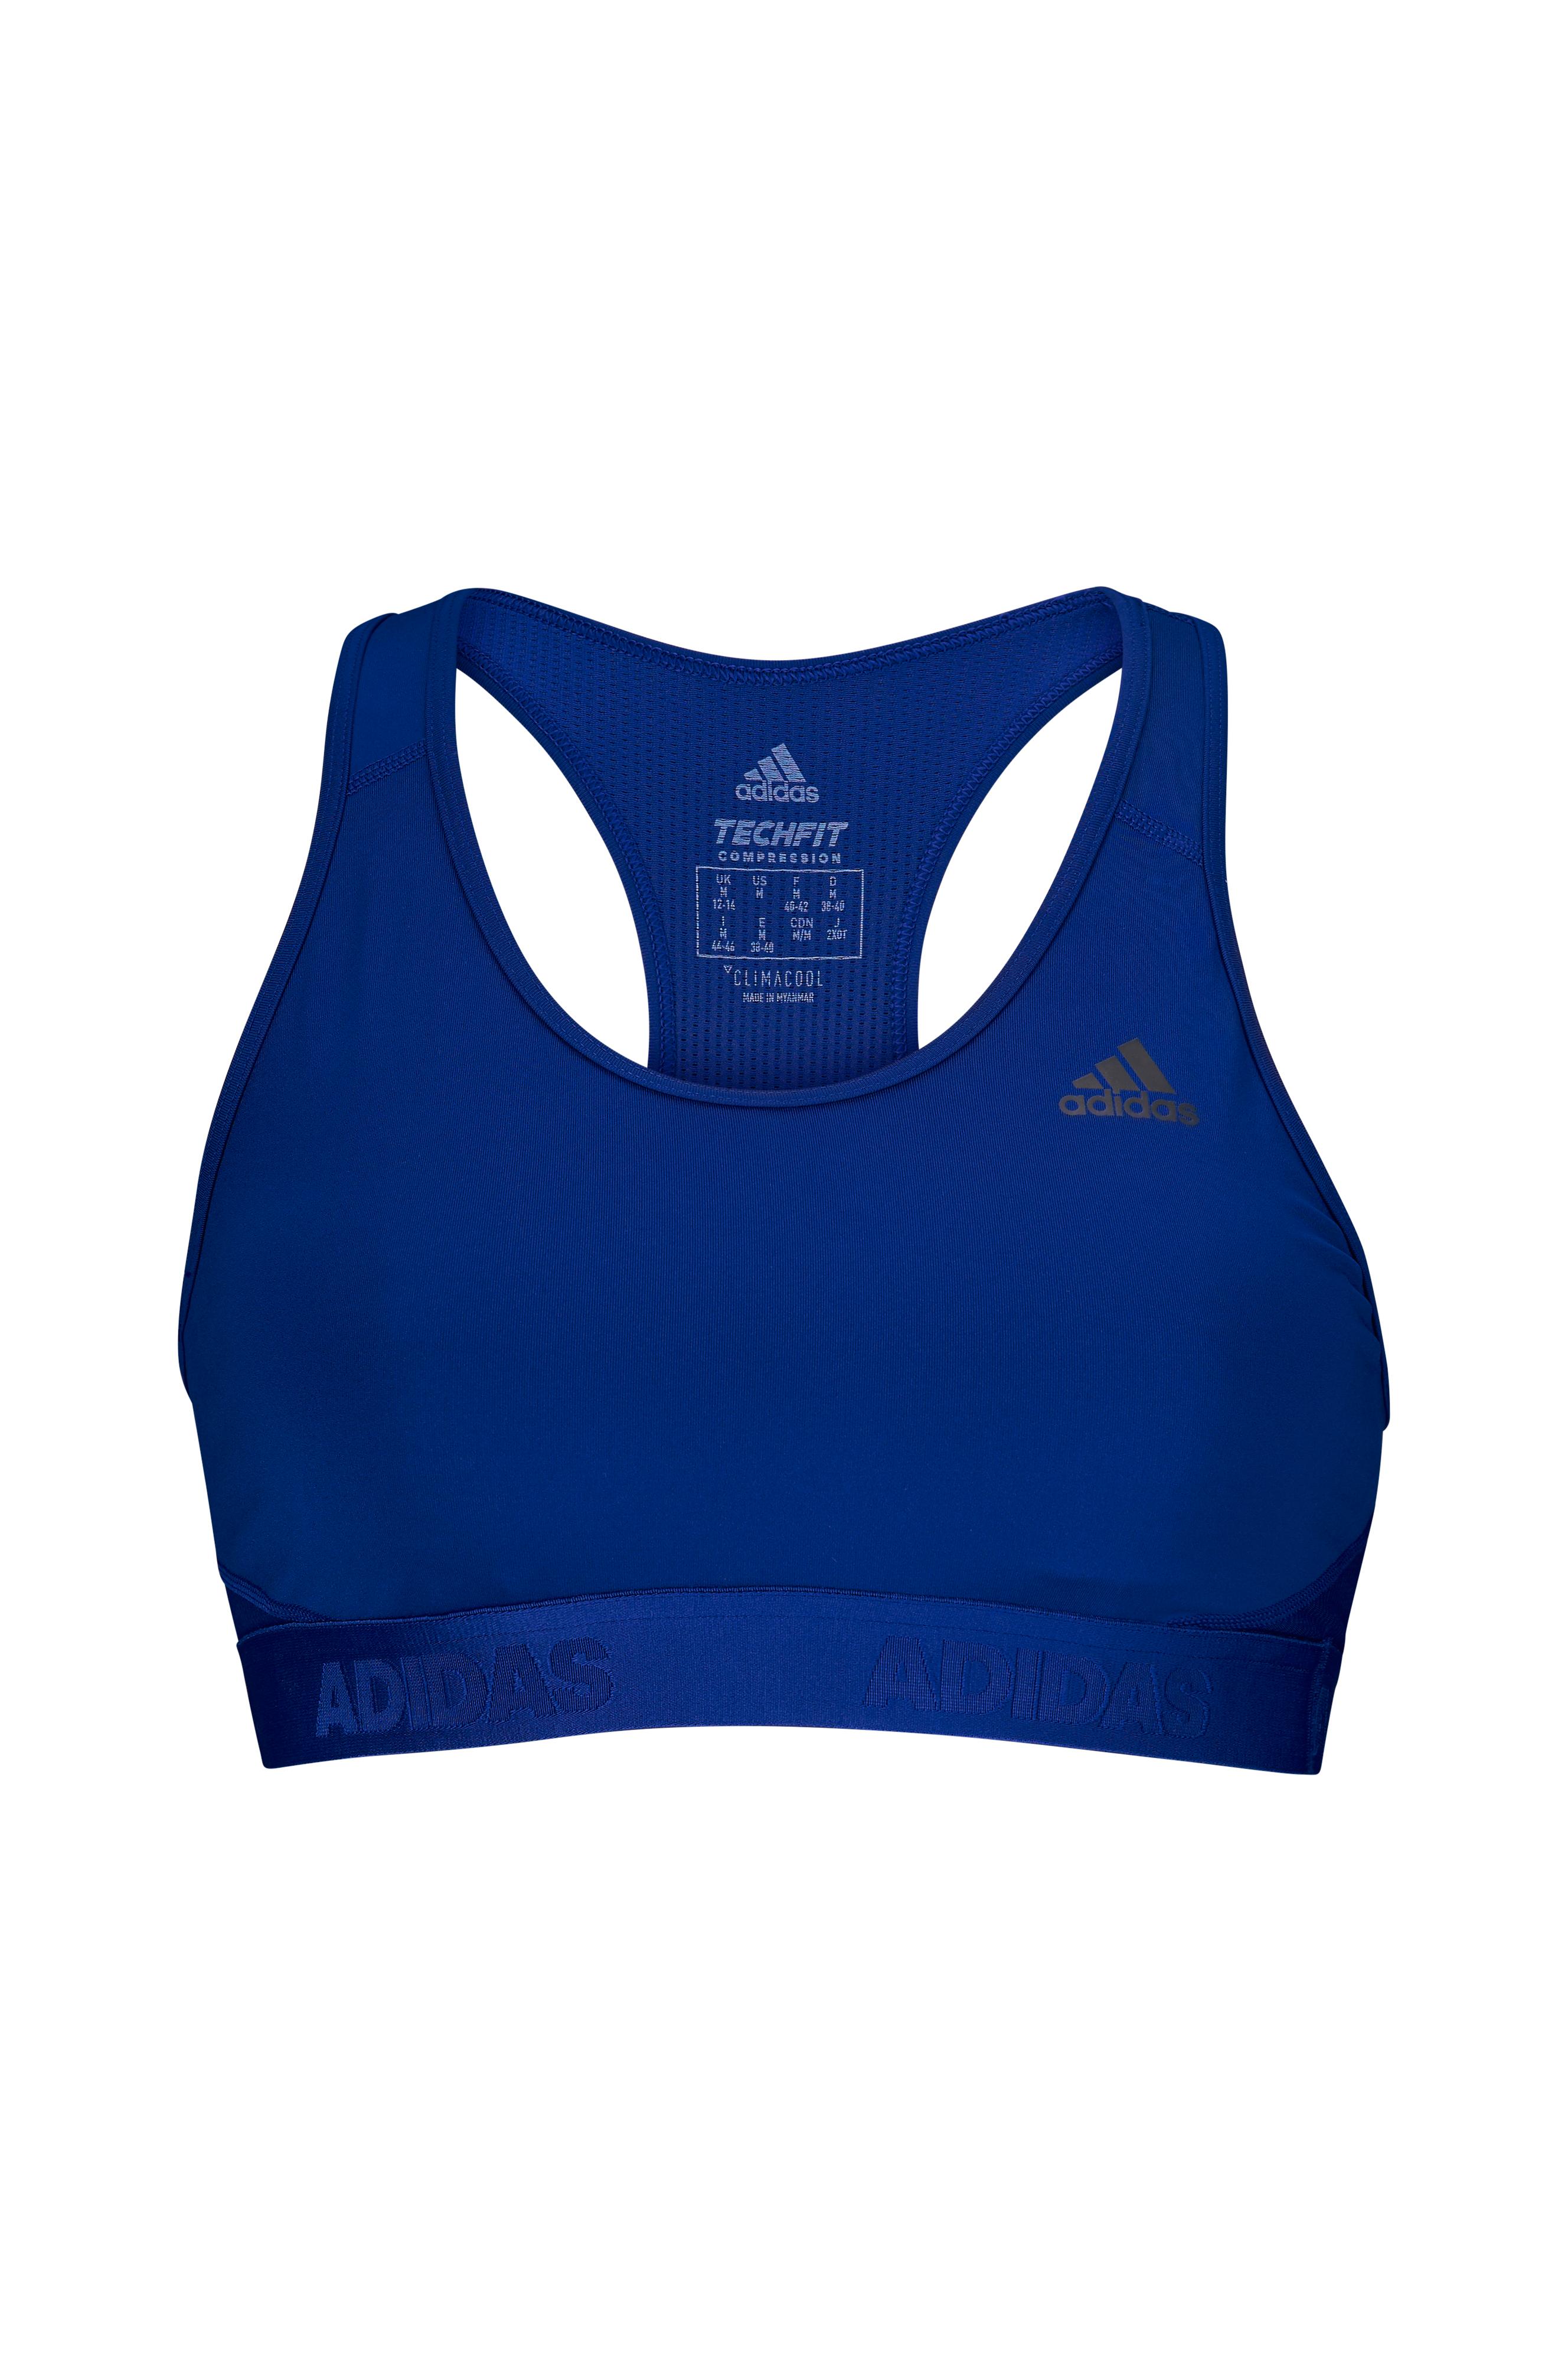 adidas Sport Performance Don t Rest Alphaskin -urheiluliivit - Sininen -  Naiset - Ellos.fi 6c856811c7